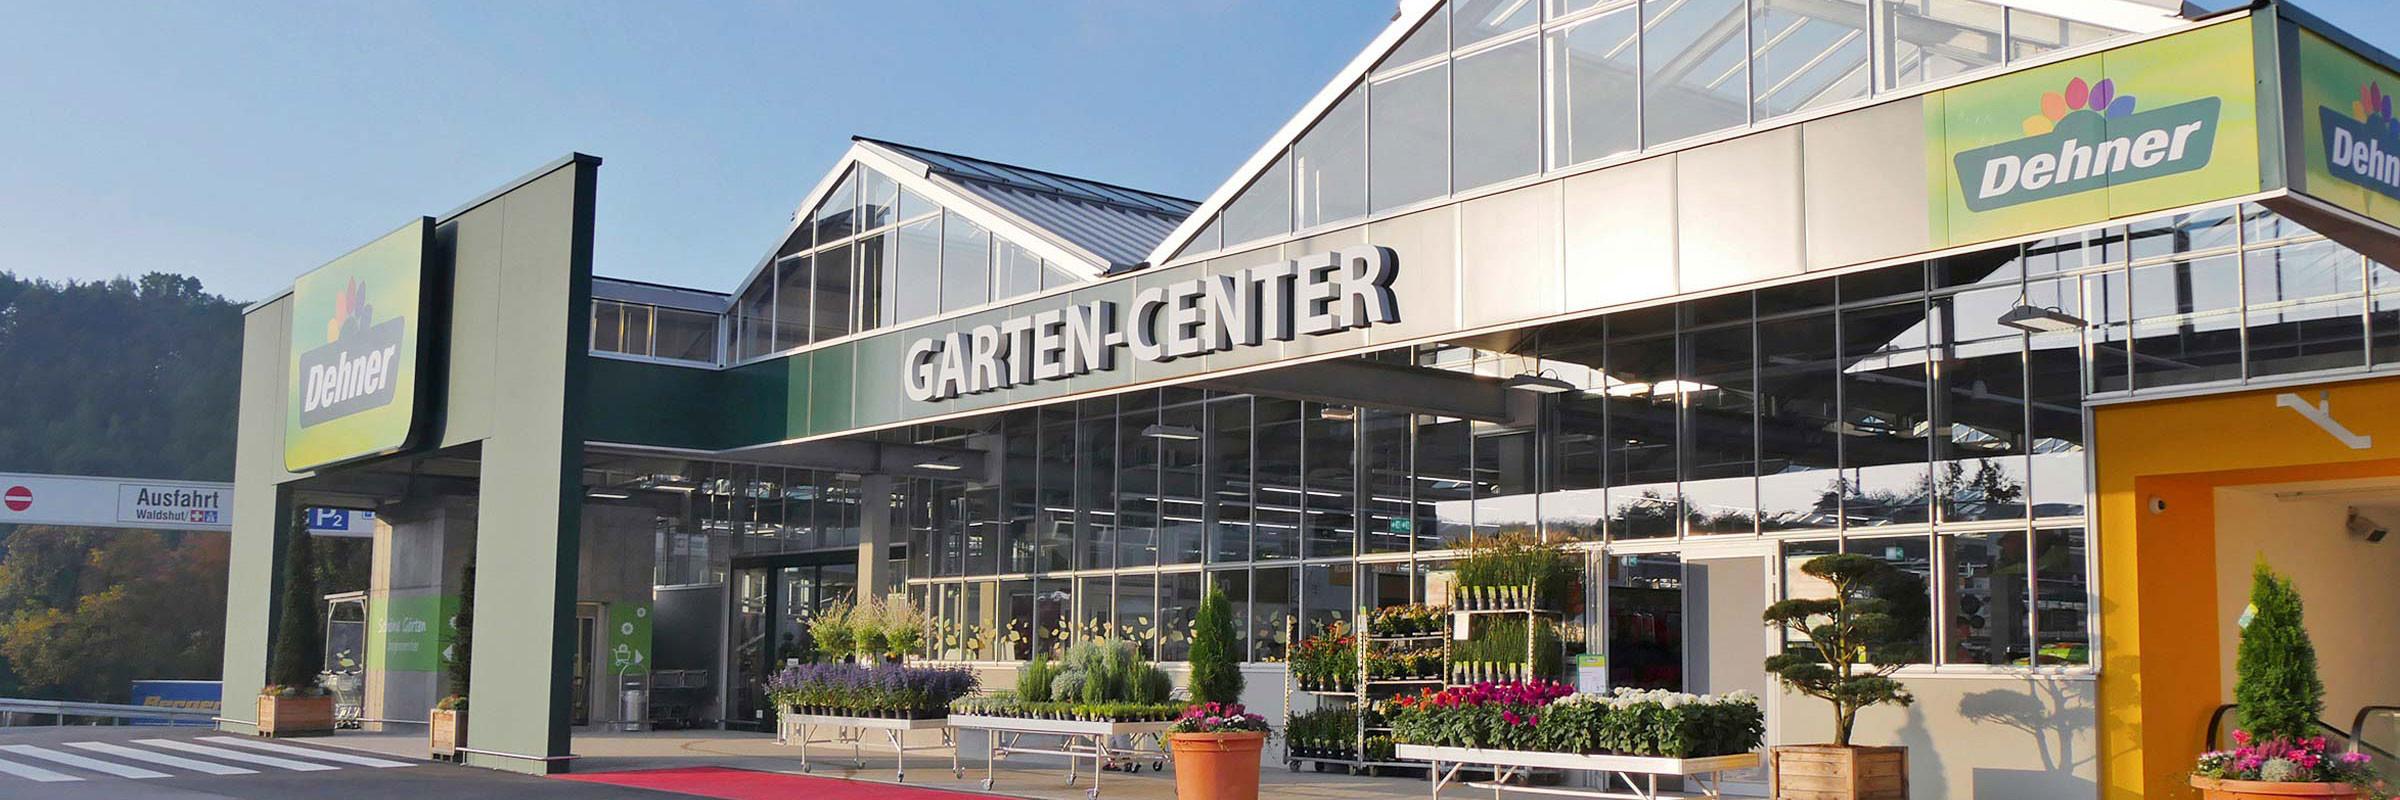 Dehner Garten Center In Waldshut Tiengen Dehner